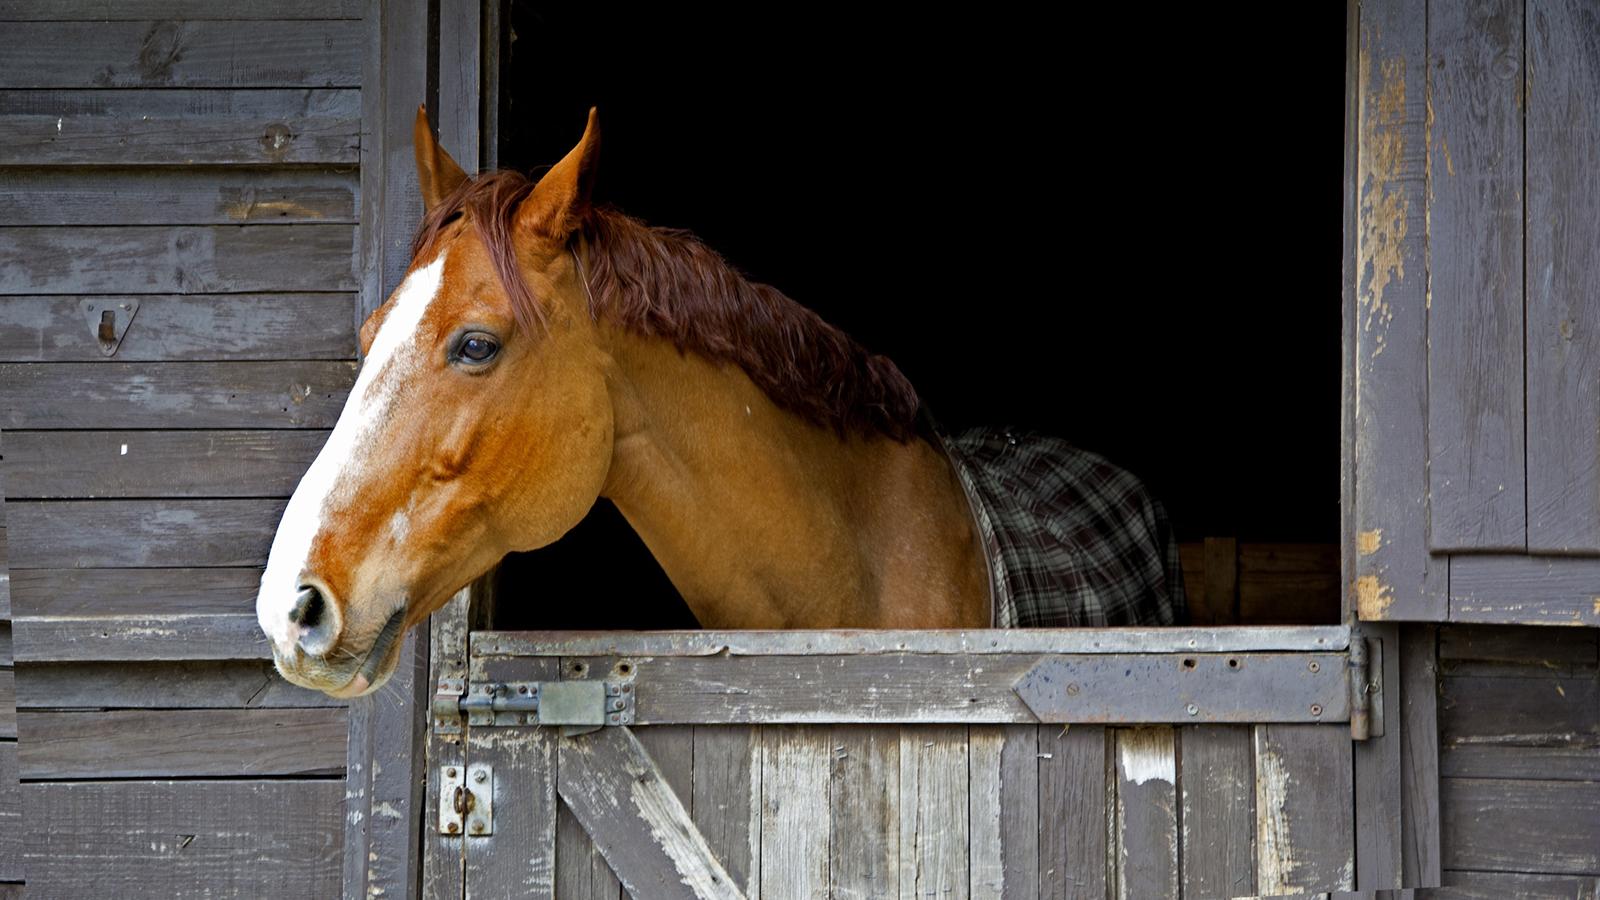 sweet pdz horse stall